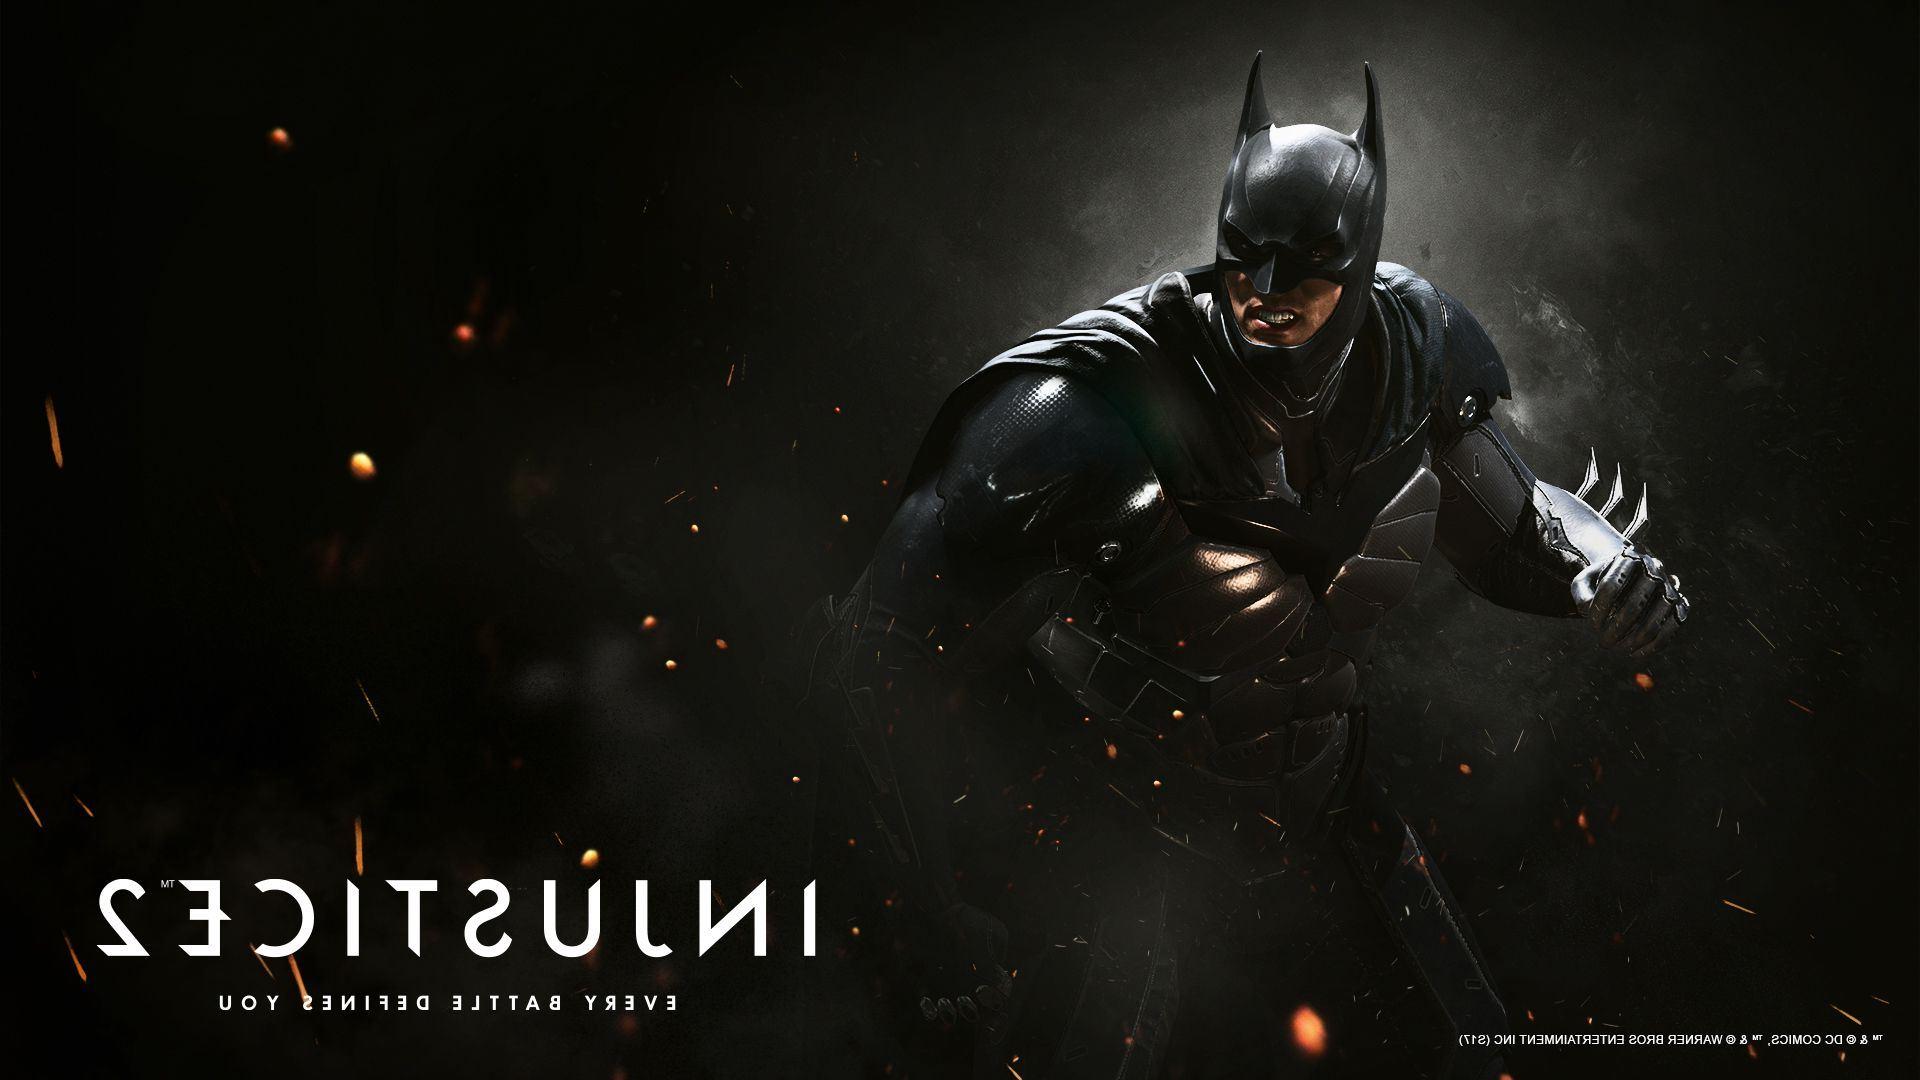 Injustice 2 Batman Wallpaper Batman Injustice 2 Wallpaper Hd